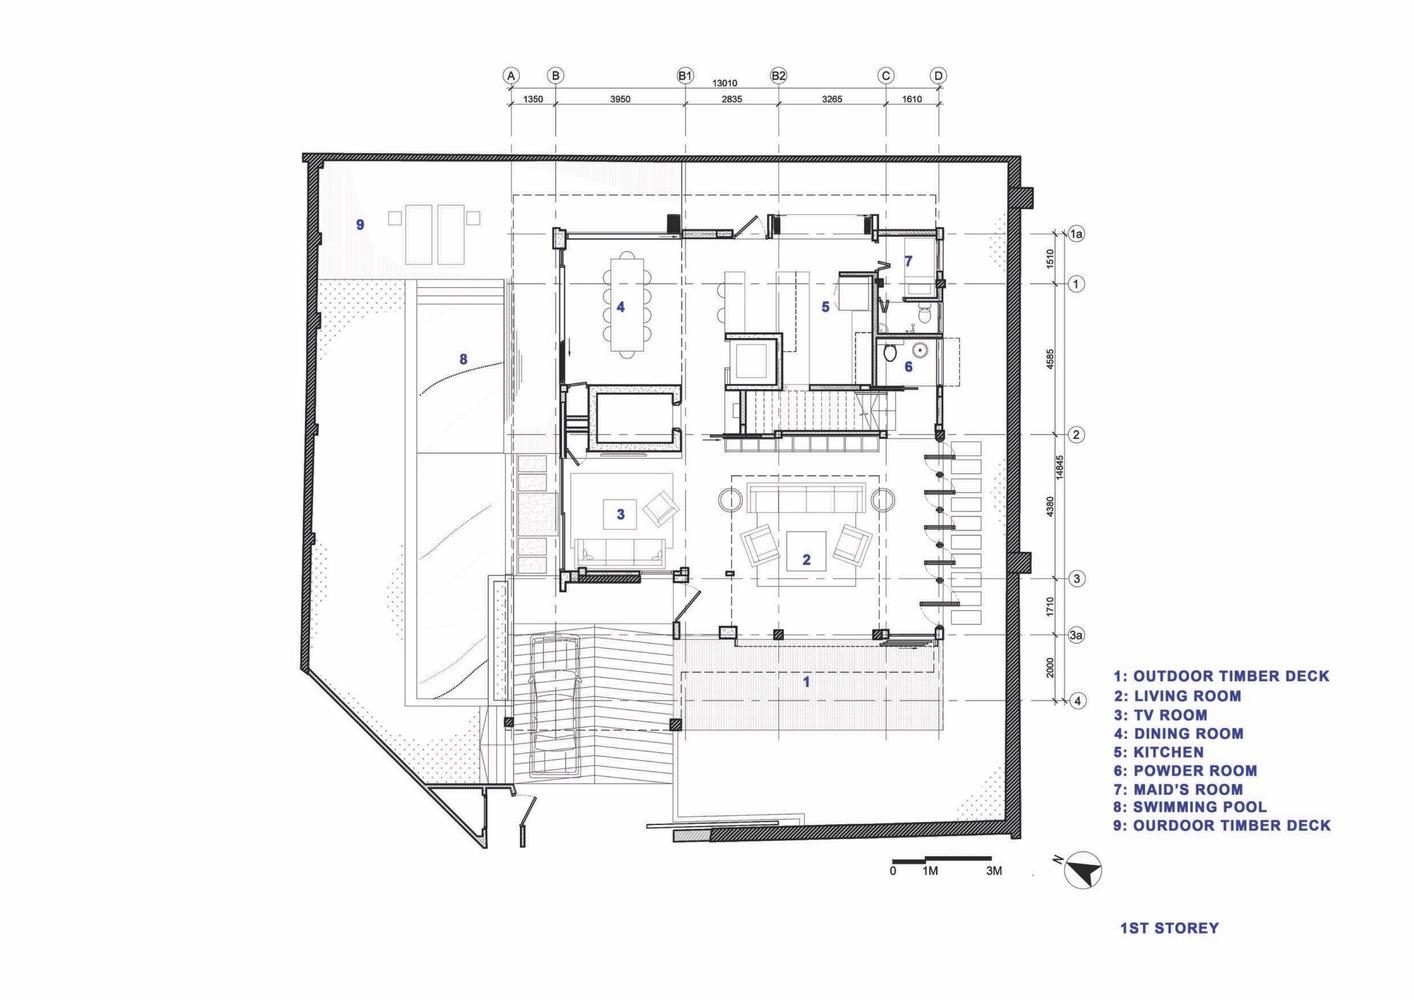 siglap plain plans 01